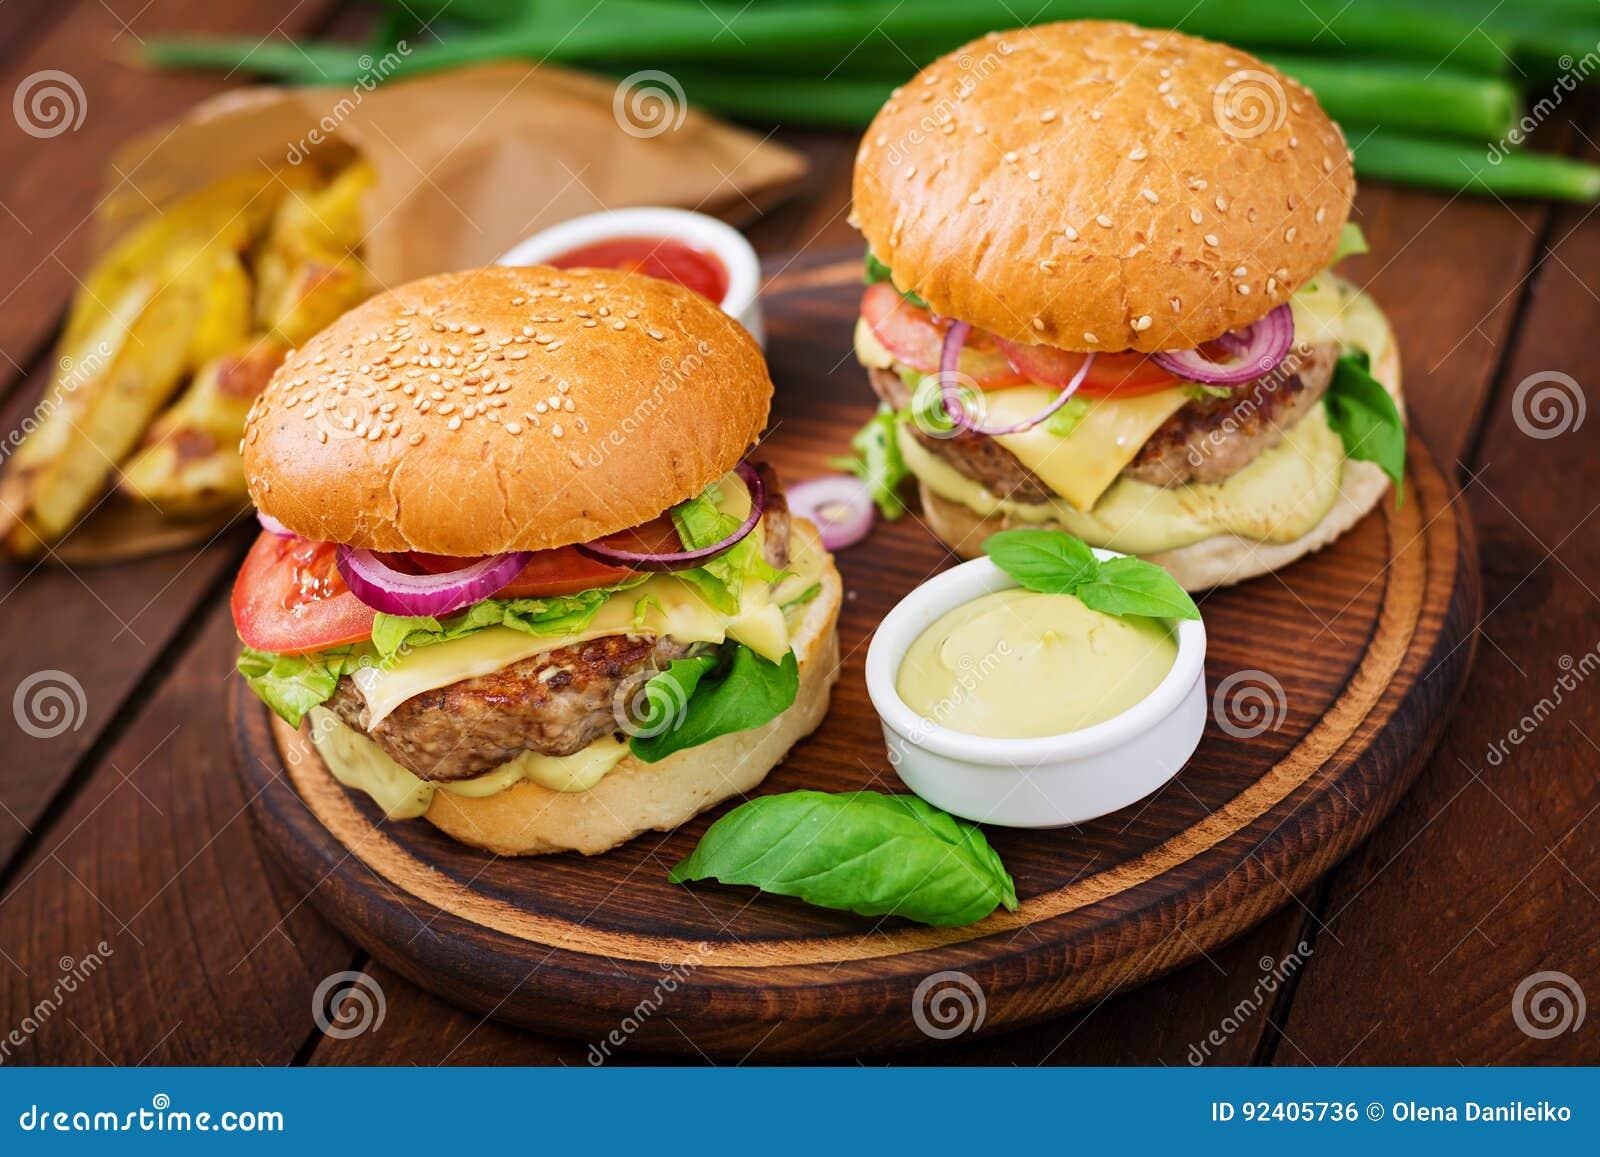 Μεγάλο σάντουιτς - χάμπουργκερ με juicy burger βόειου κρέατος, το τυρί, την ντομάτα, και το κόκκινο κρεμμύδι